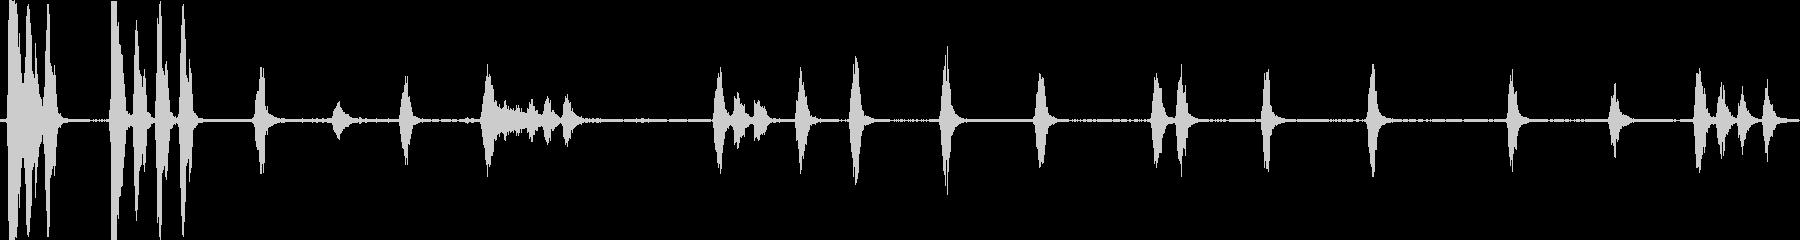 犬の樹皮シングルの未再生の波形